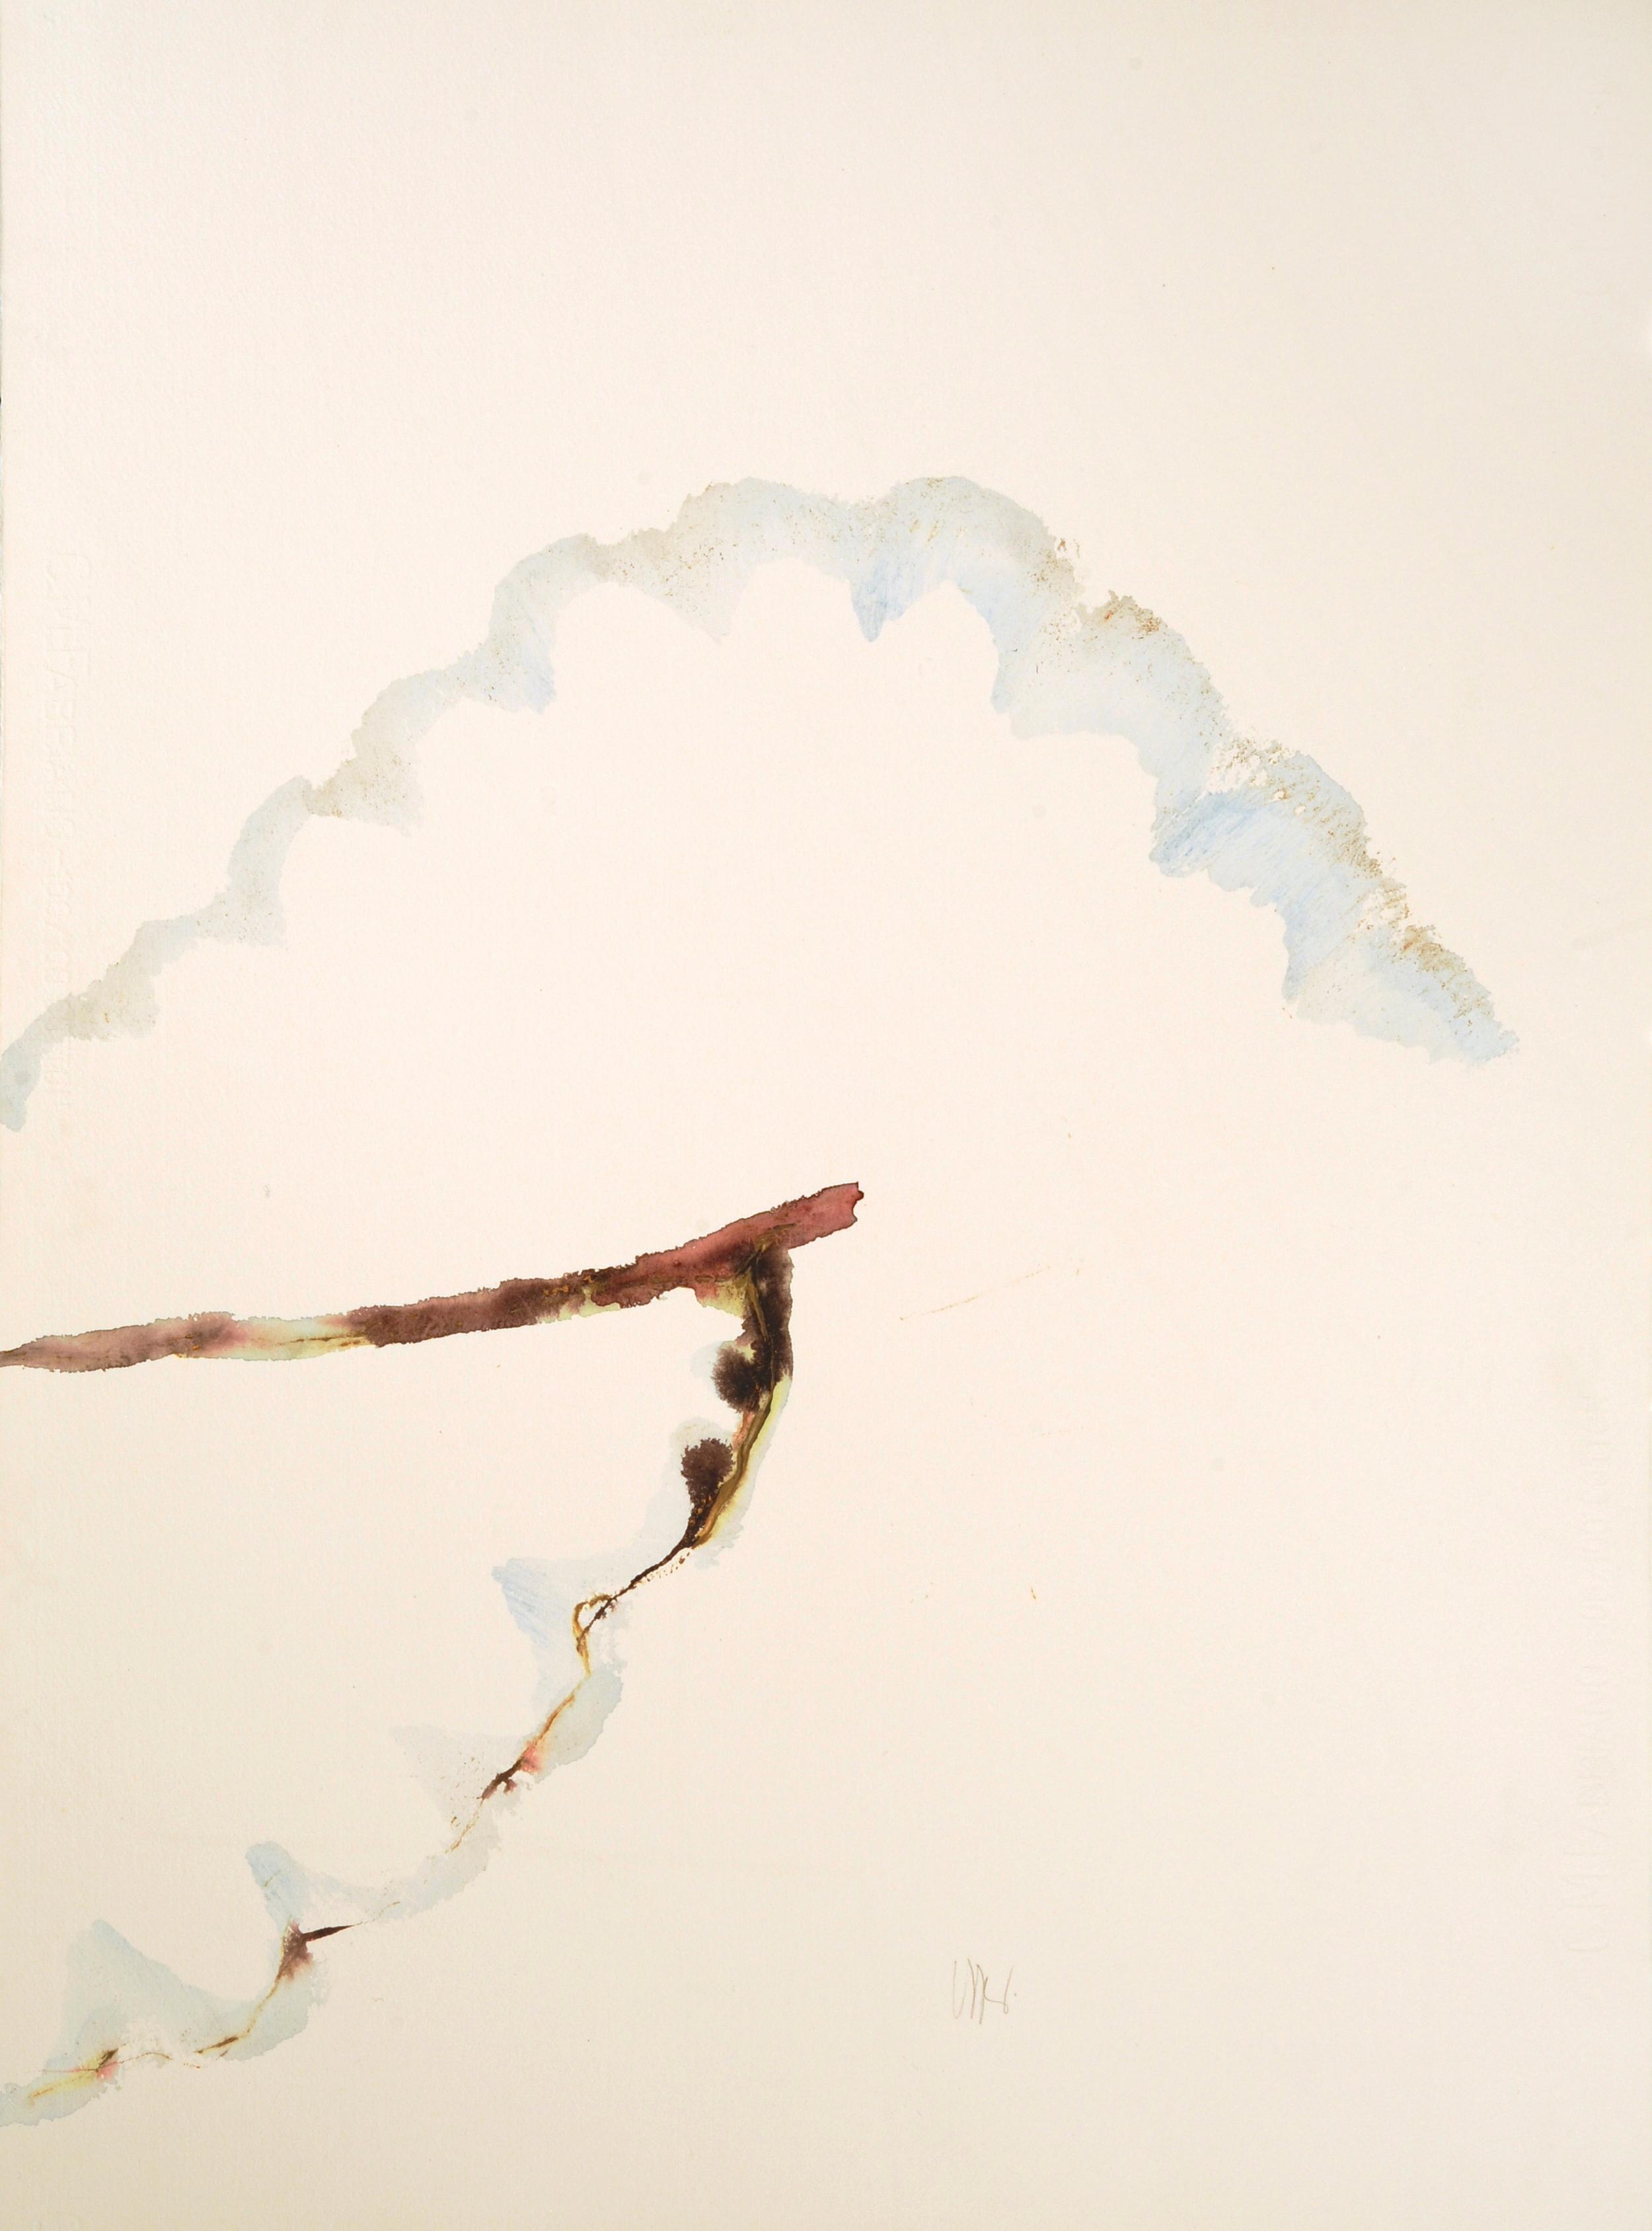 """senza titolo, dalla serie """"Signatura rerum"""", 1992, acrilico su carta Fabriano, cm 76 x 57  untitled, from the series """"Signatura rerum"""", 1992, acrylic on Fabriano paper, cm 76 x 57"""